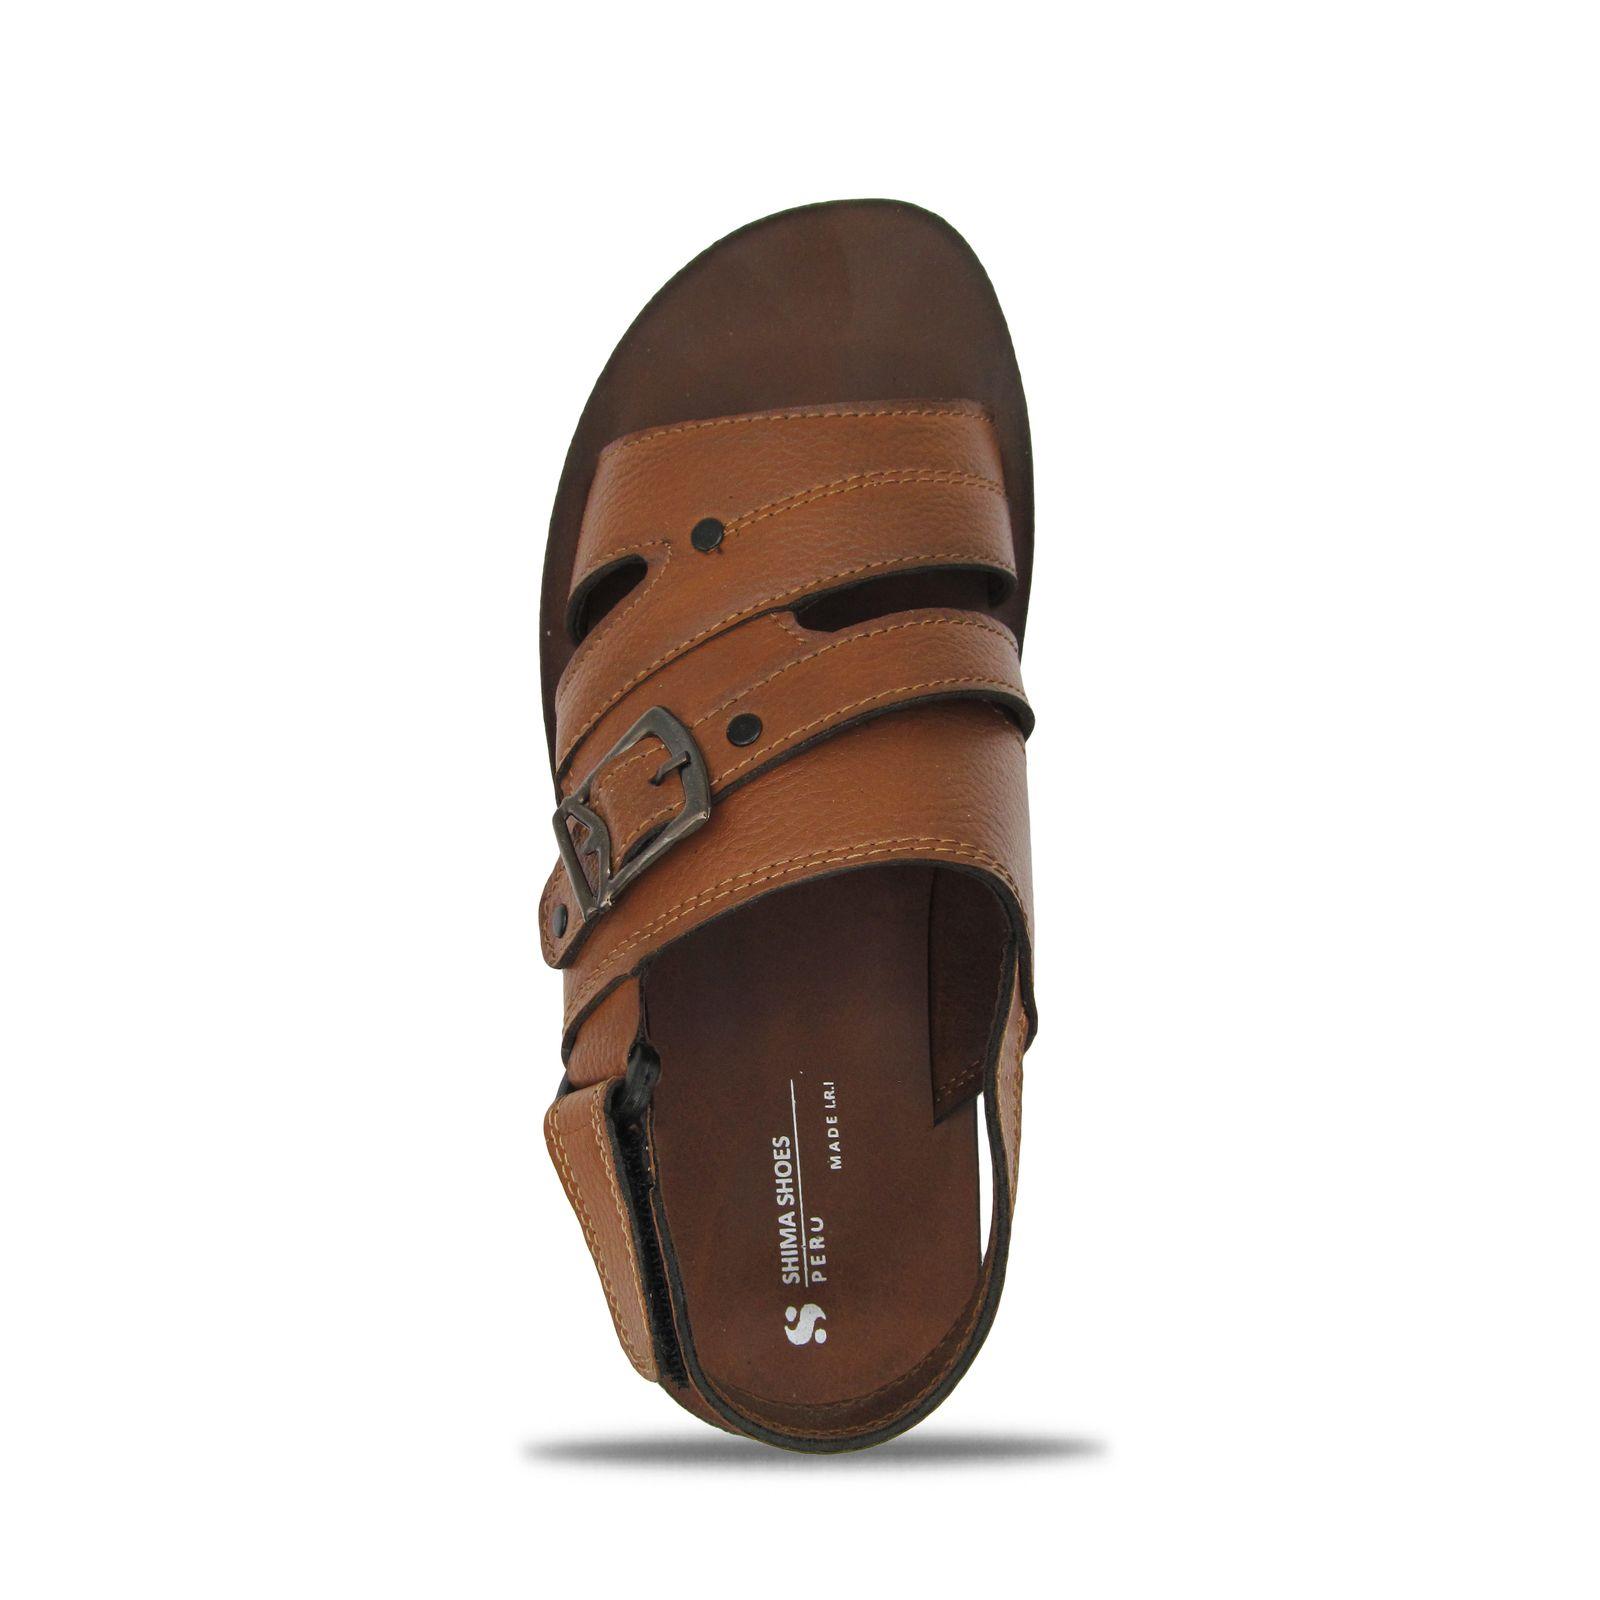 صندل مردانه کفش شیما مدل پرو کد 1807 -  - 5